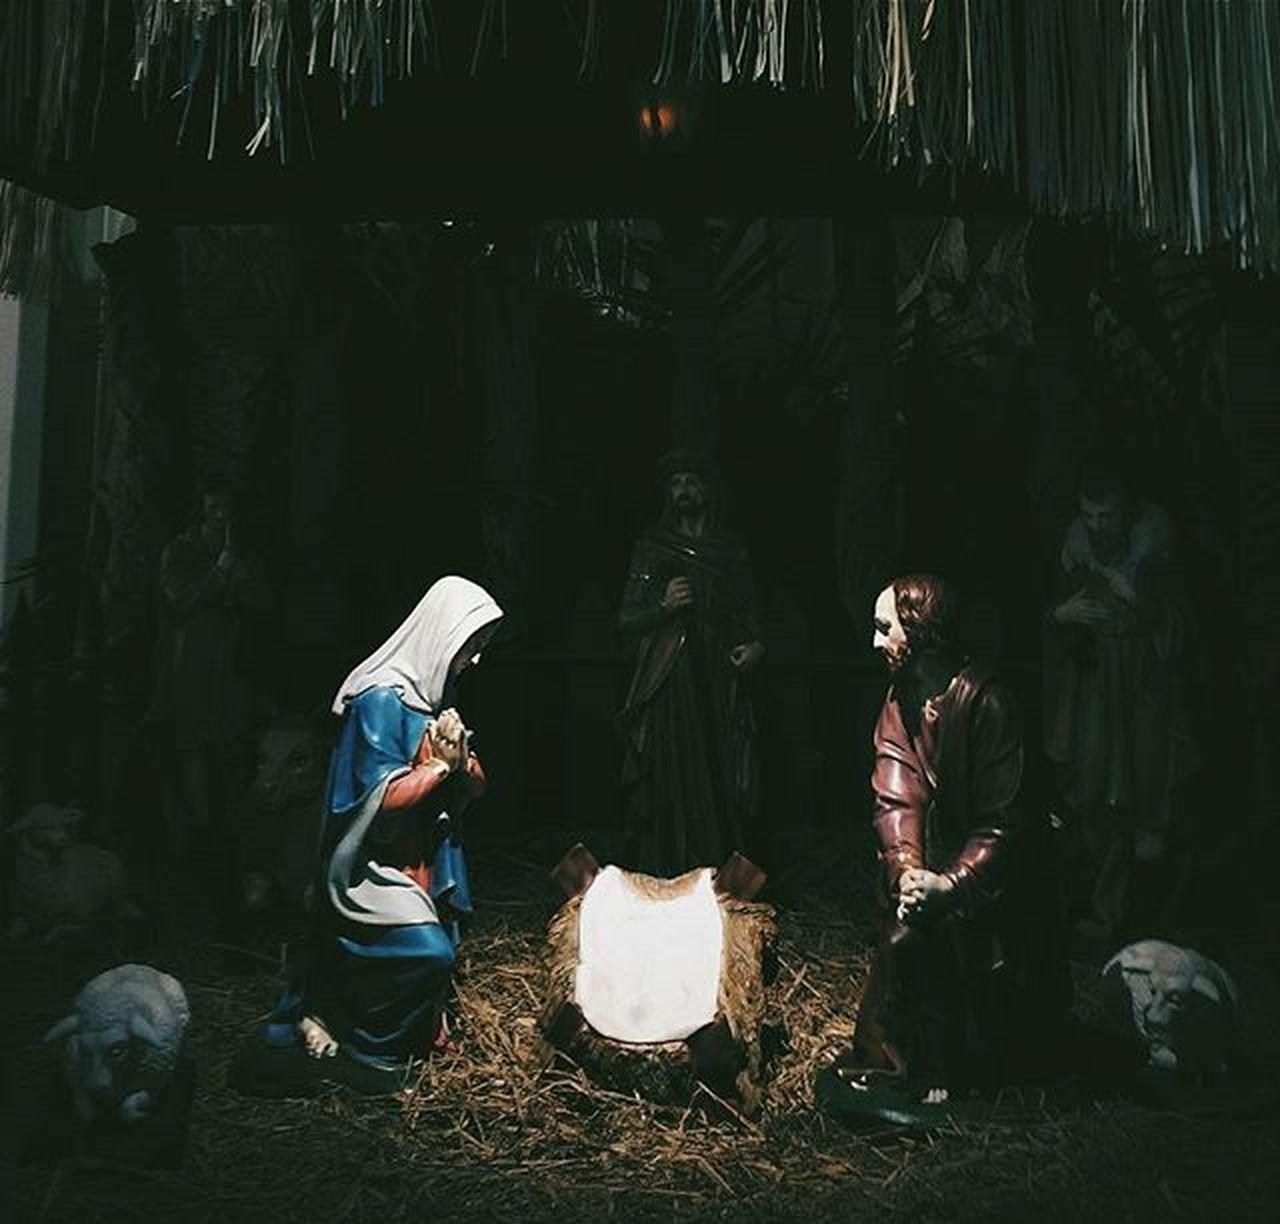 """""""Karena Dia telah lahir dan tinggal dalam diri kita."""" - DRE- Happy Christmas everyone! 🎄🎉 Agameoftones TheCreatorClass Shootityourself"""